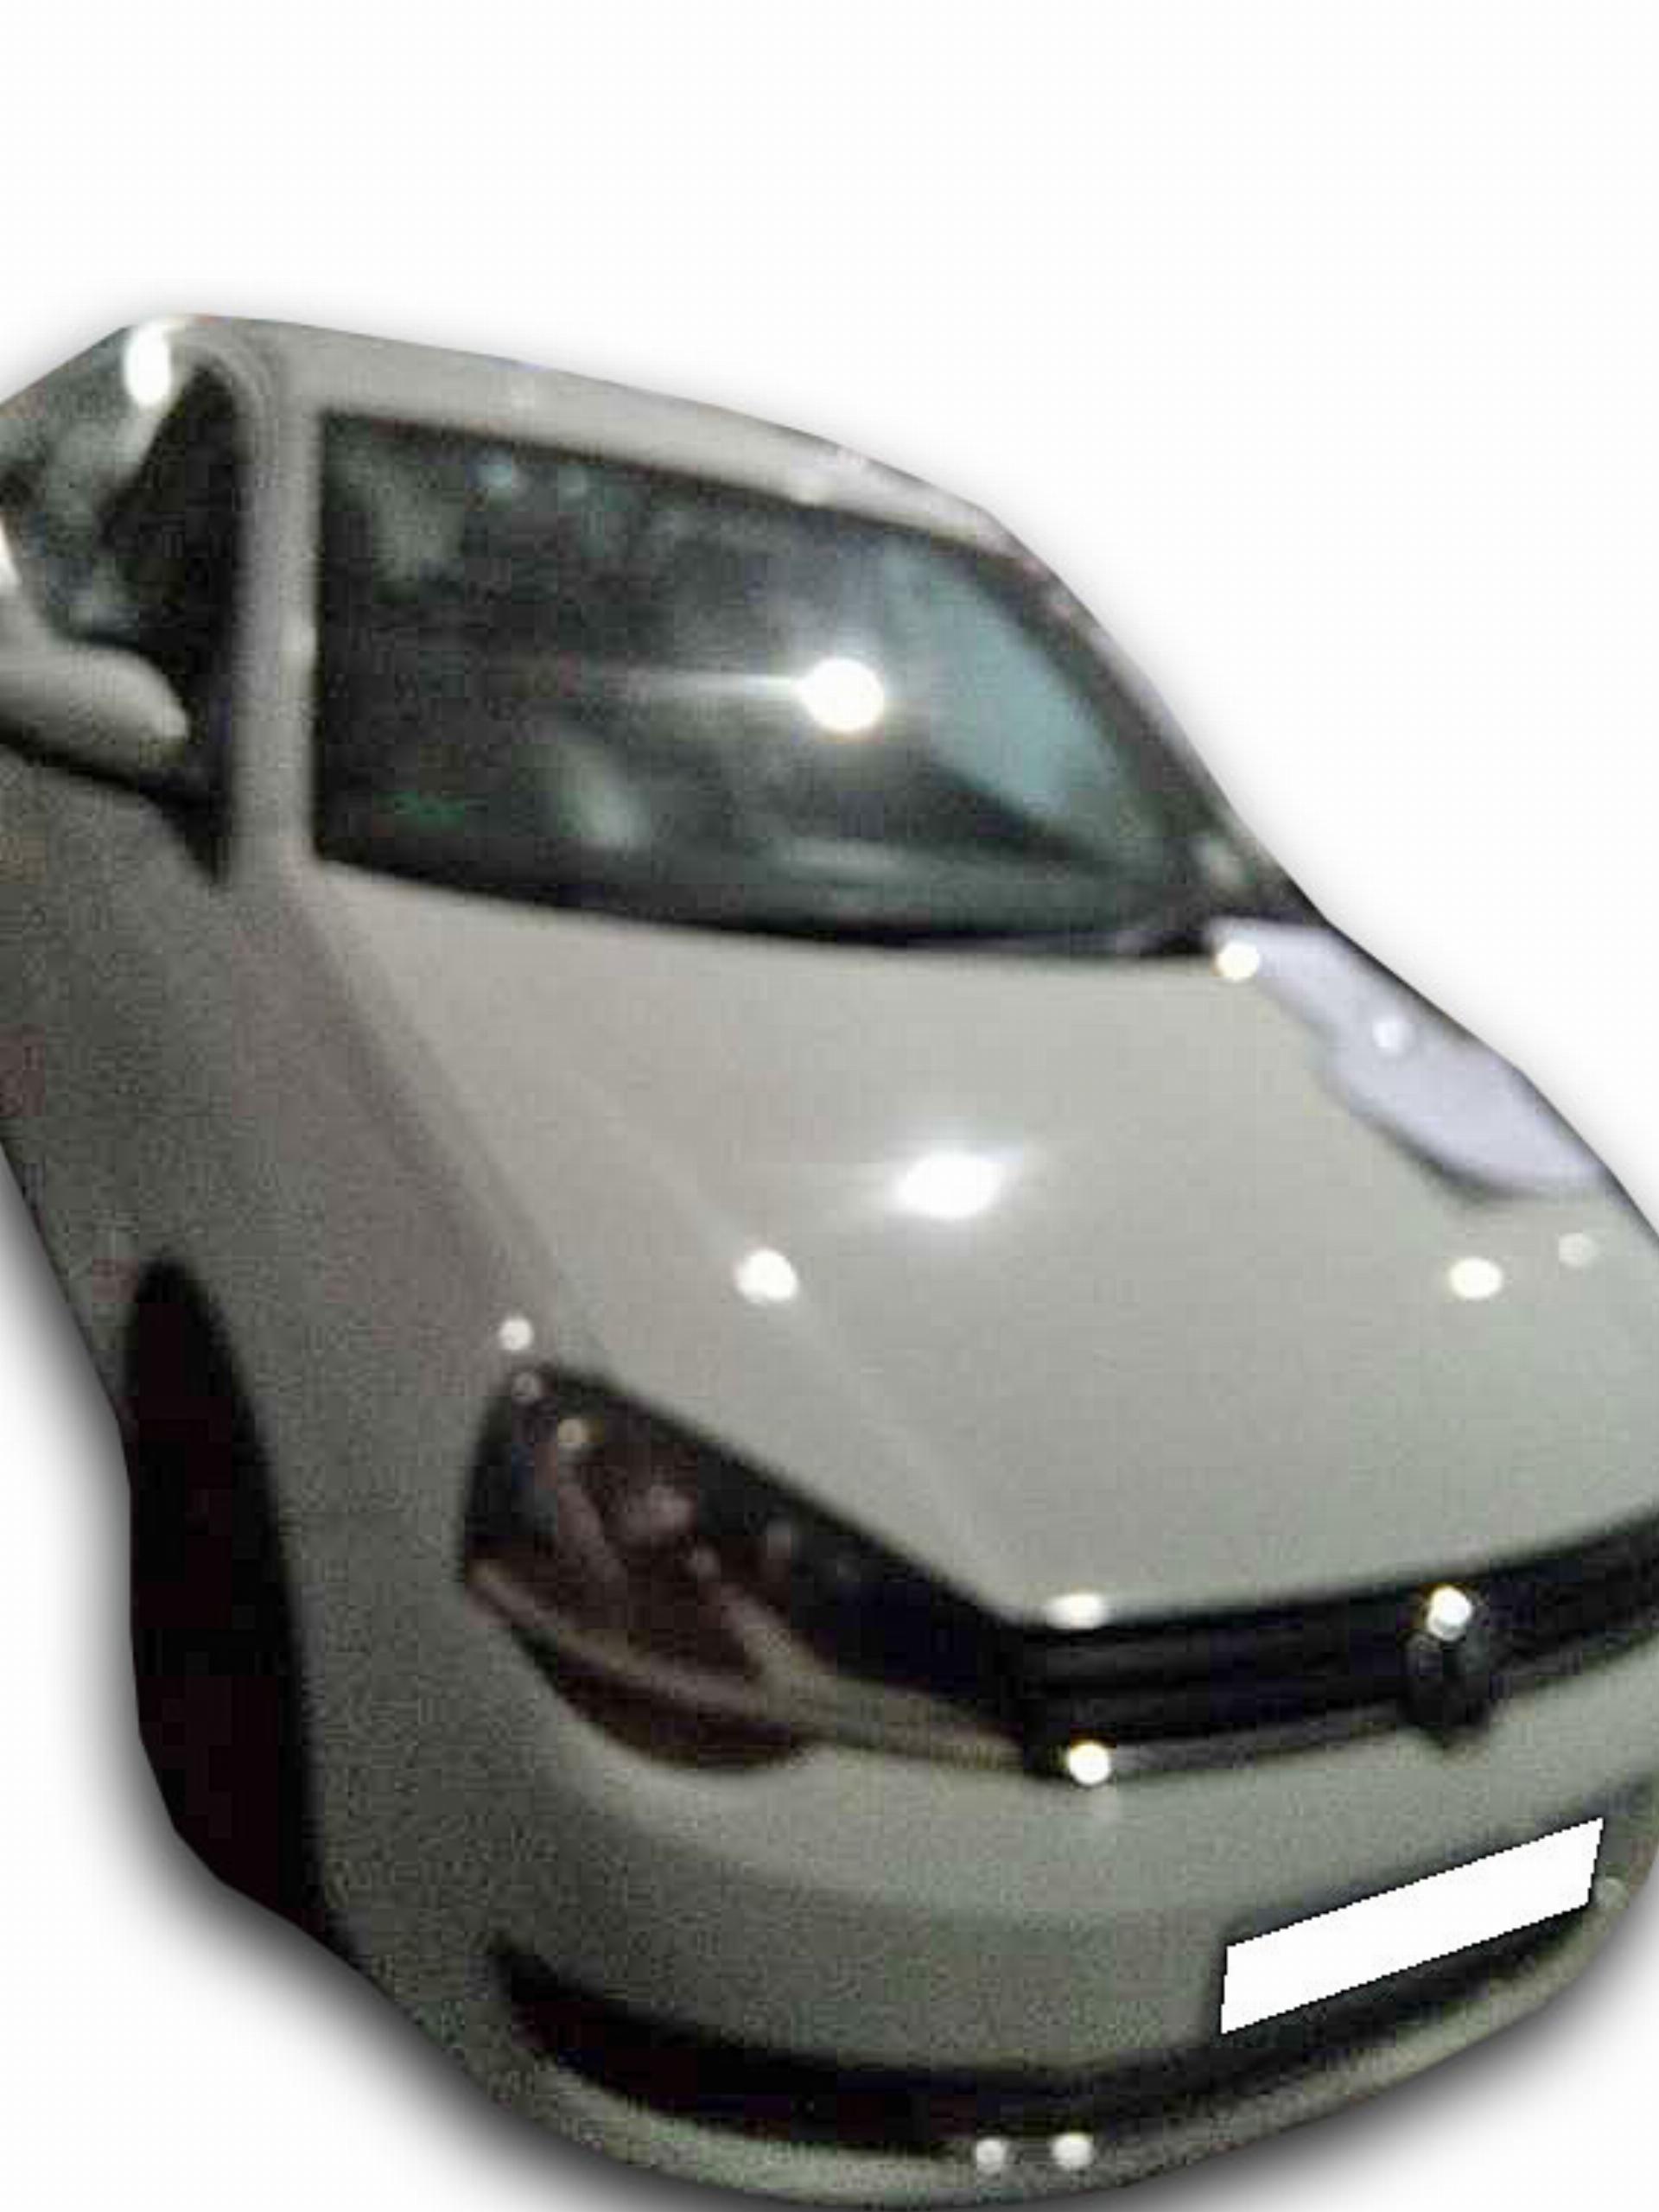 VW Polo 241- Vivo